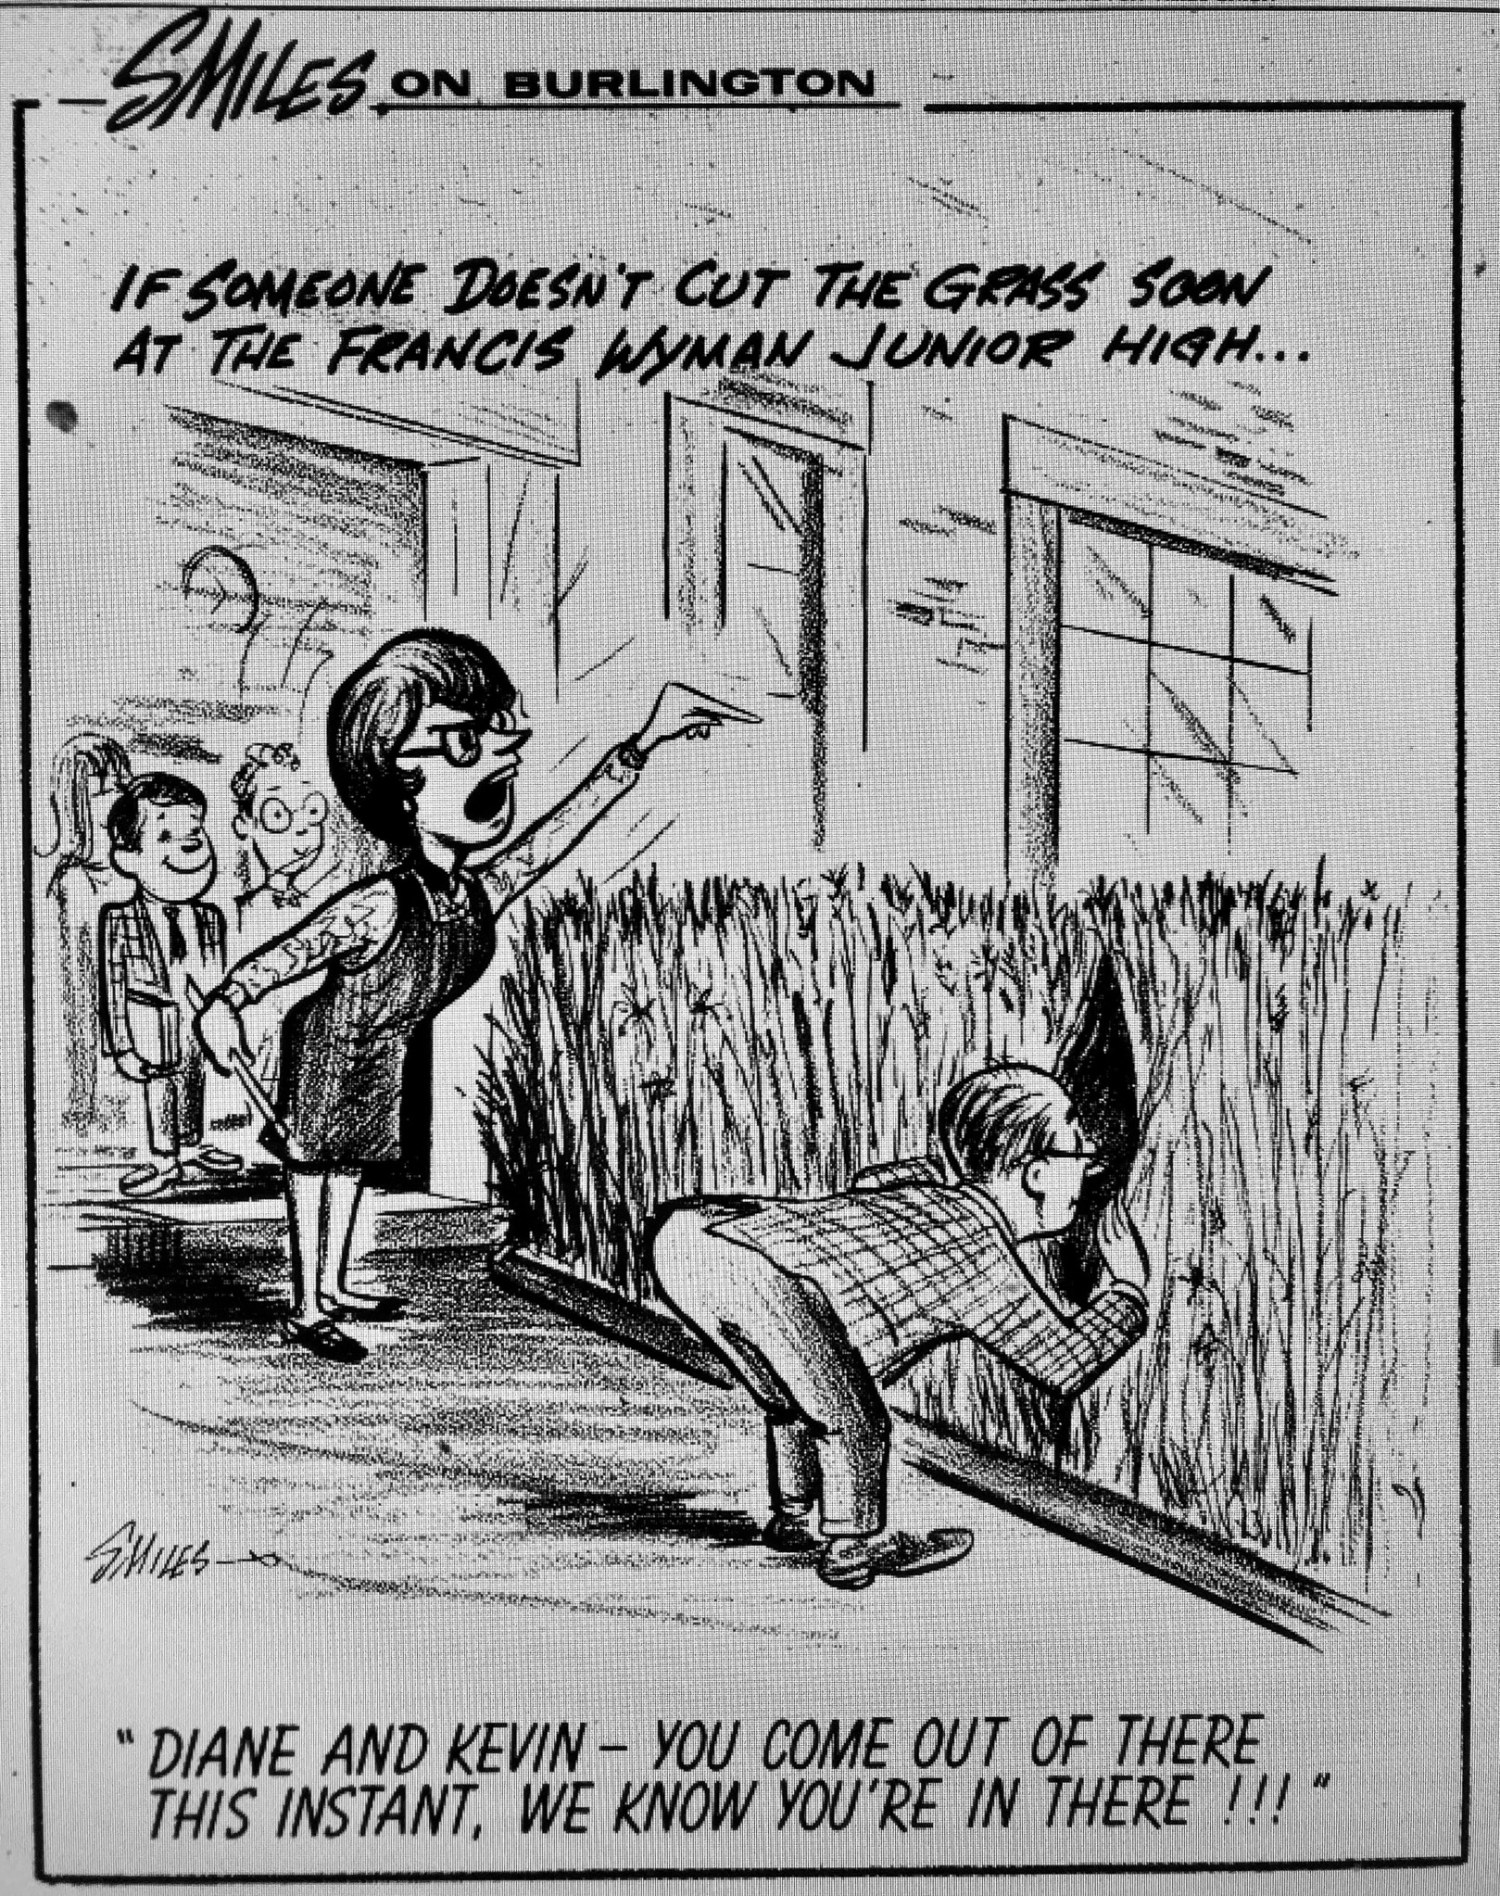 FW grass cartoon, Burlington MA